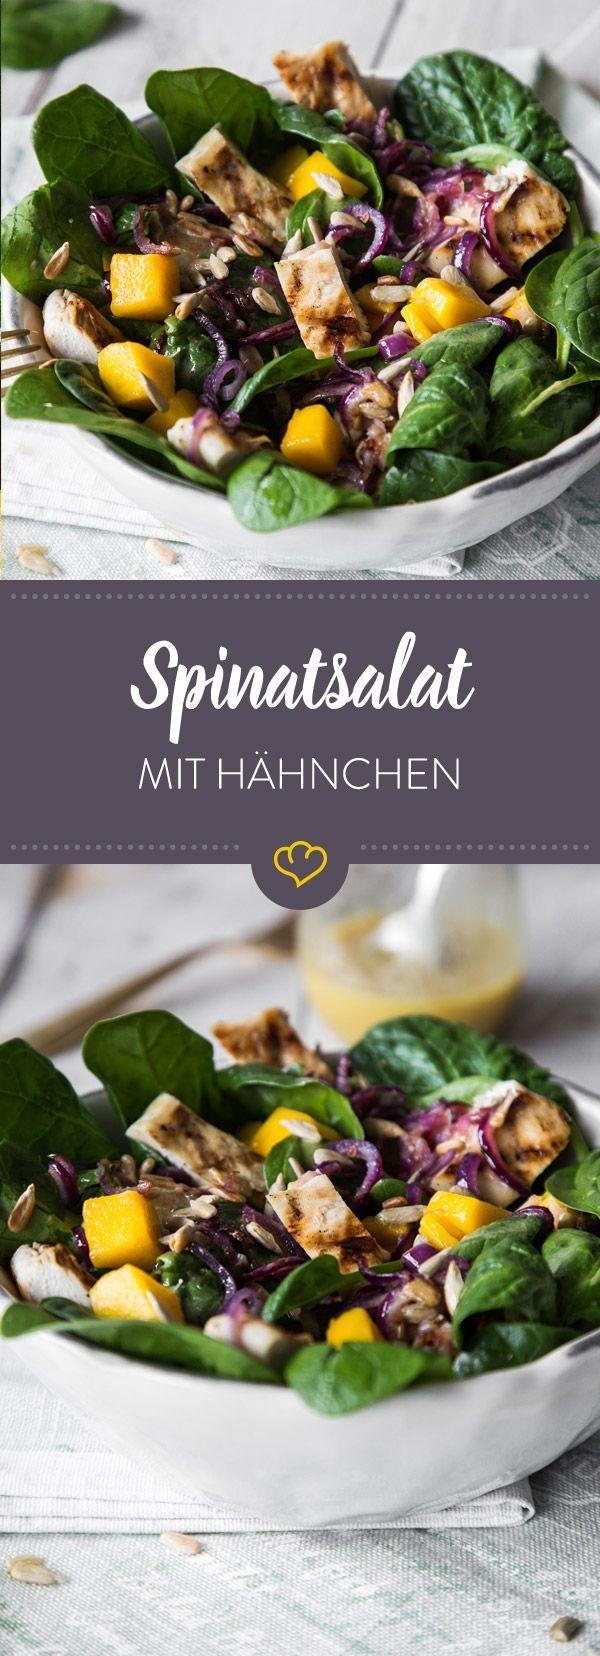 Knackig-frisch und mit saftigen Hähnchenstücken. So isst du Spinat neuerdings am liebsten. Was dazu nicht fehlen darf? Mangowürfel und Sonnenblumenkerne.